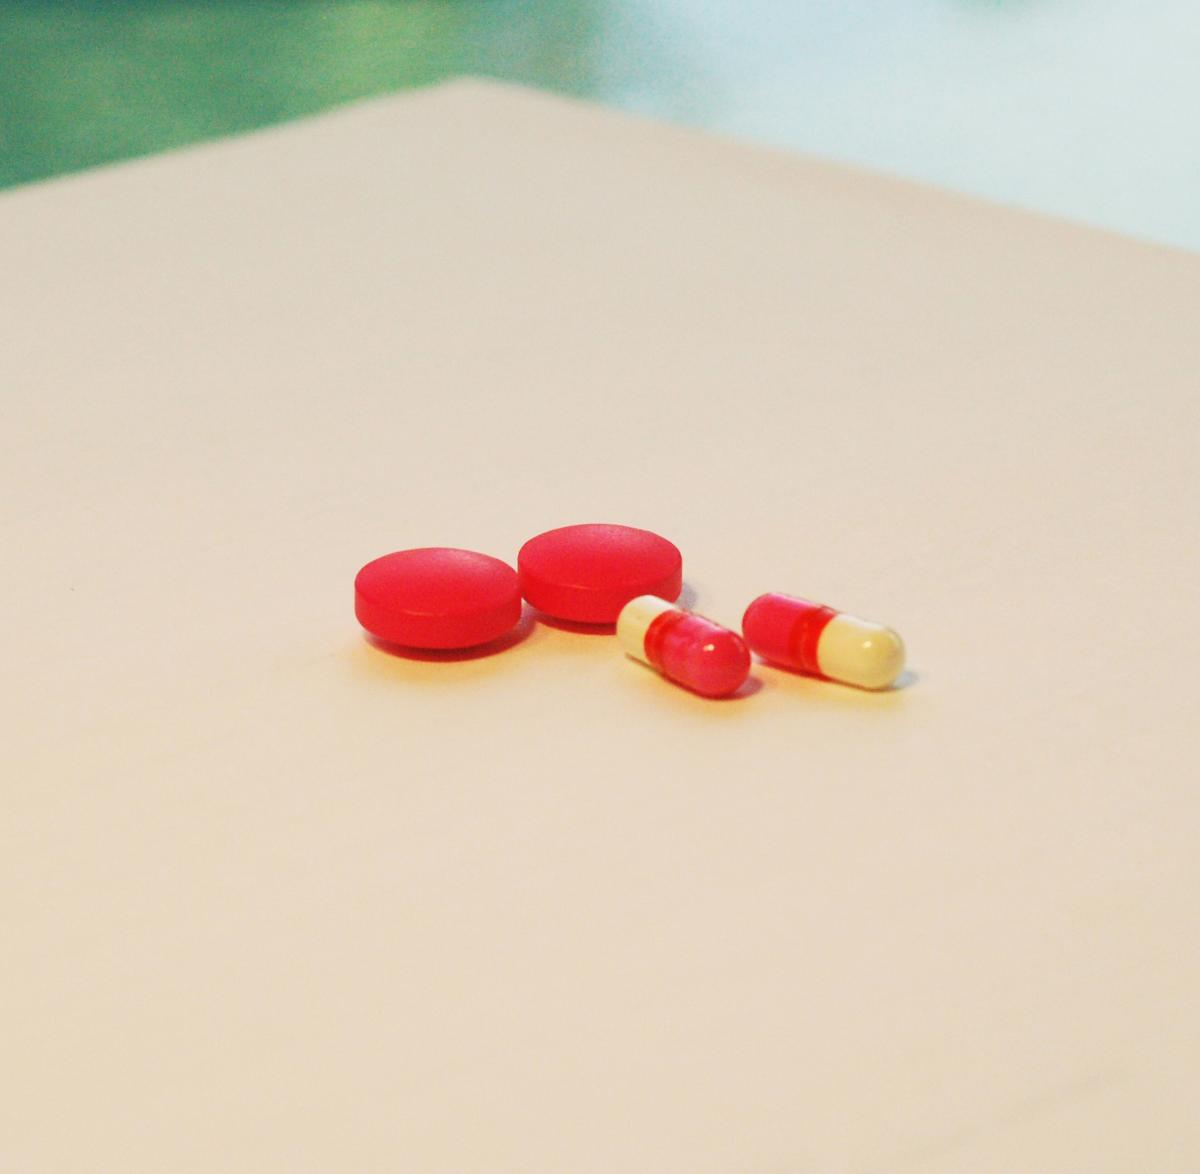 Addiction antibiotic bottle capsule